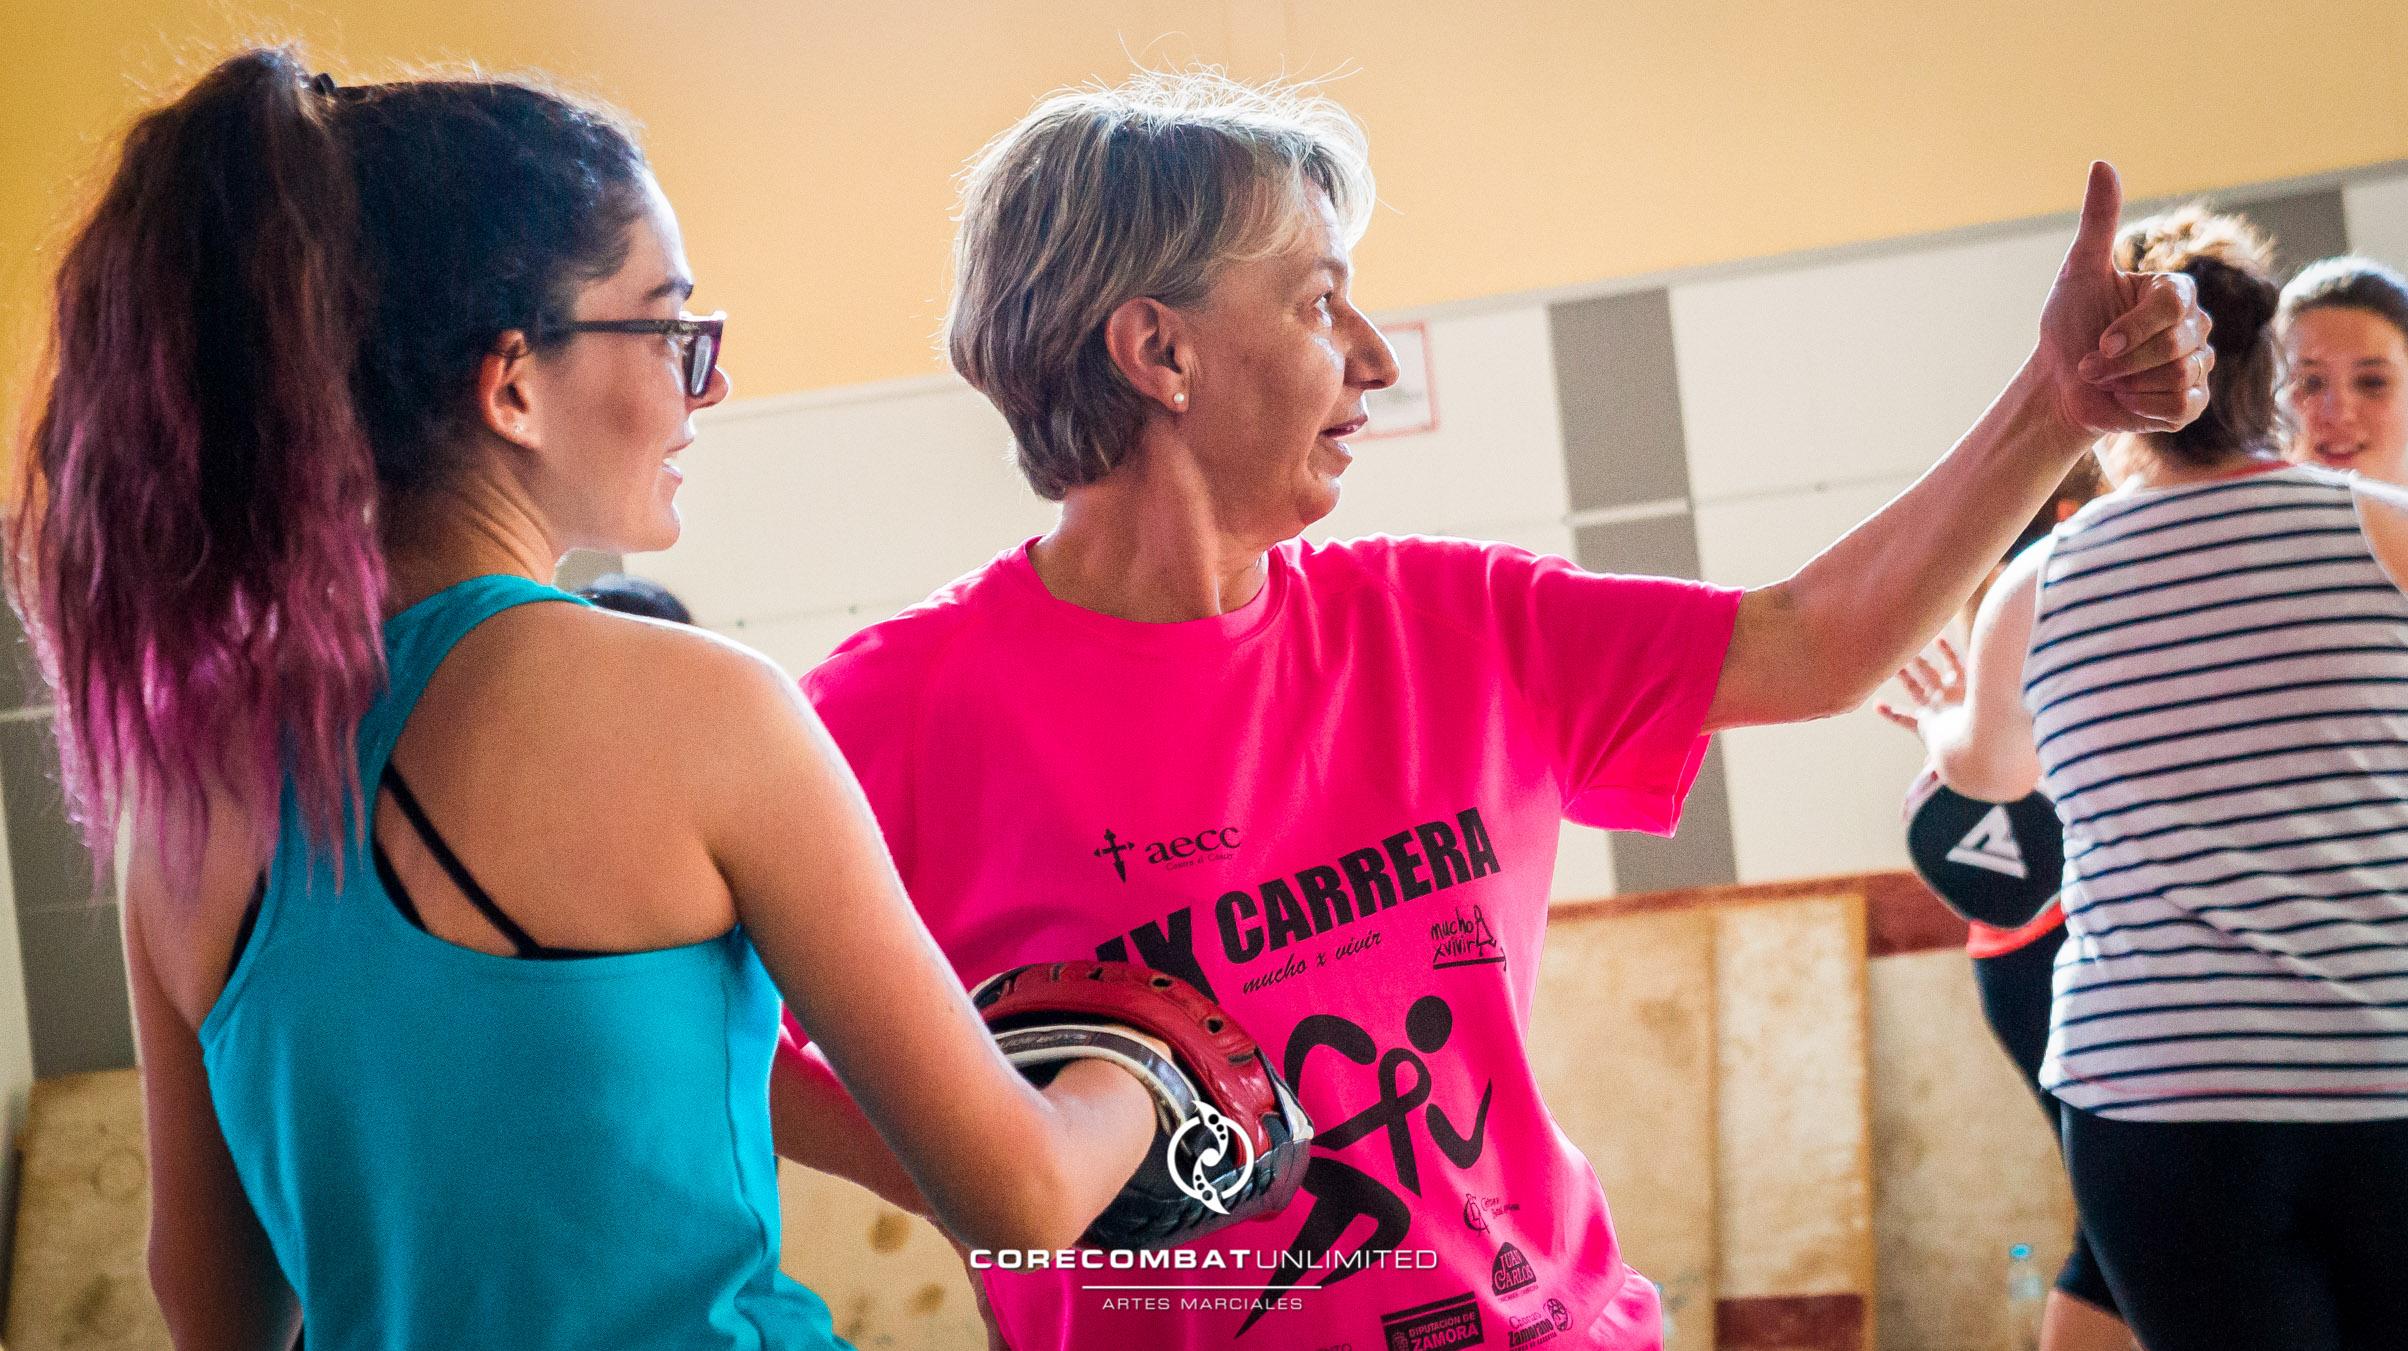 curso-defensa-personal-para-mujeres-zamora-coreses-artes-marciales-zamora-core-combat-salamanca-valladolid-leon-madrid-28